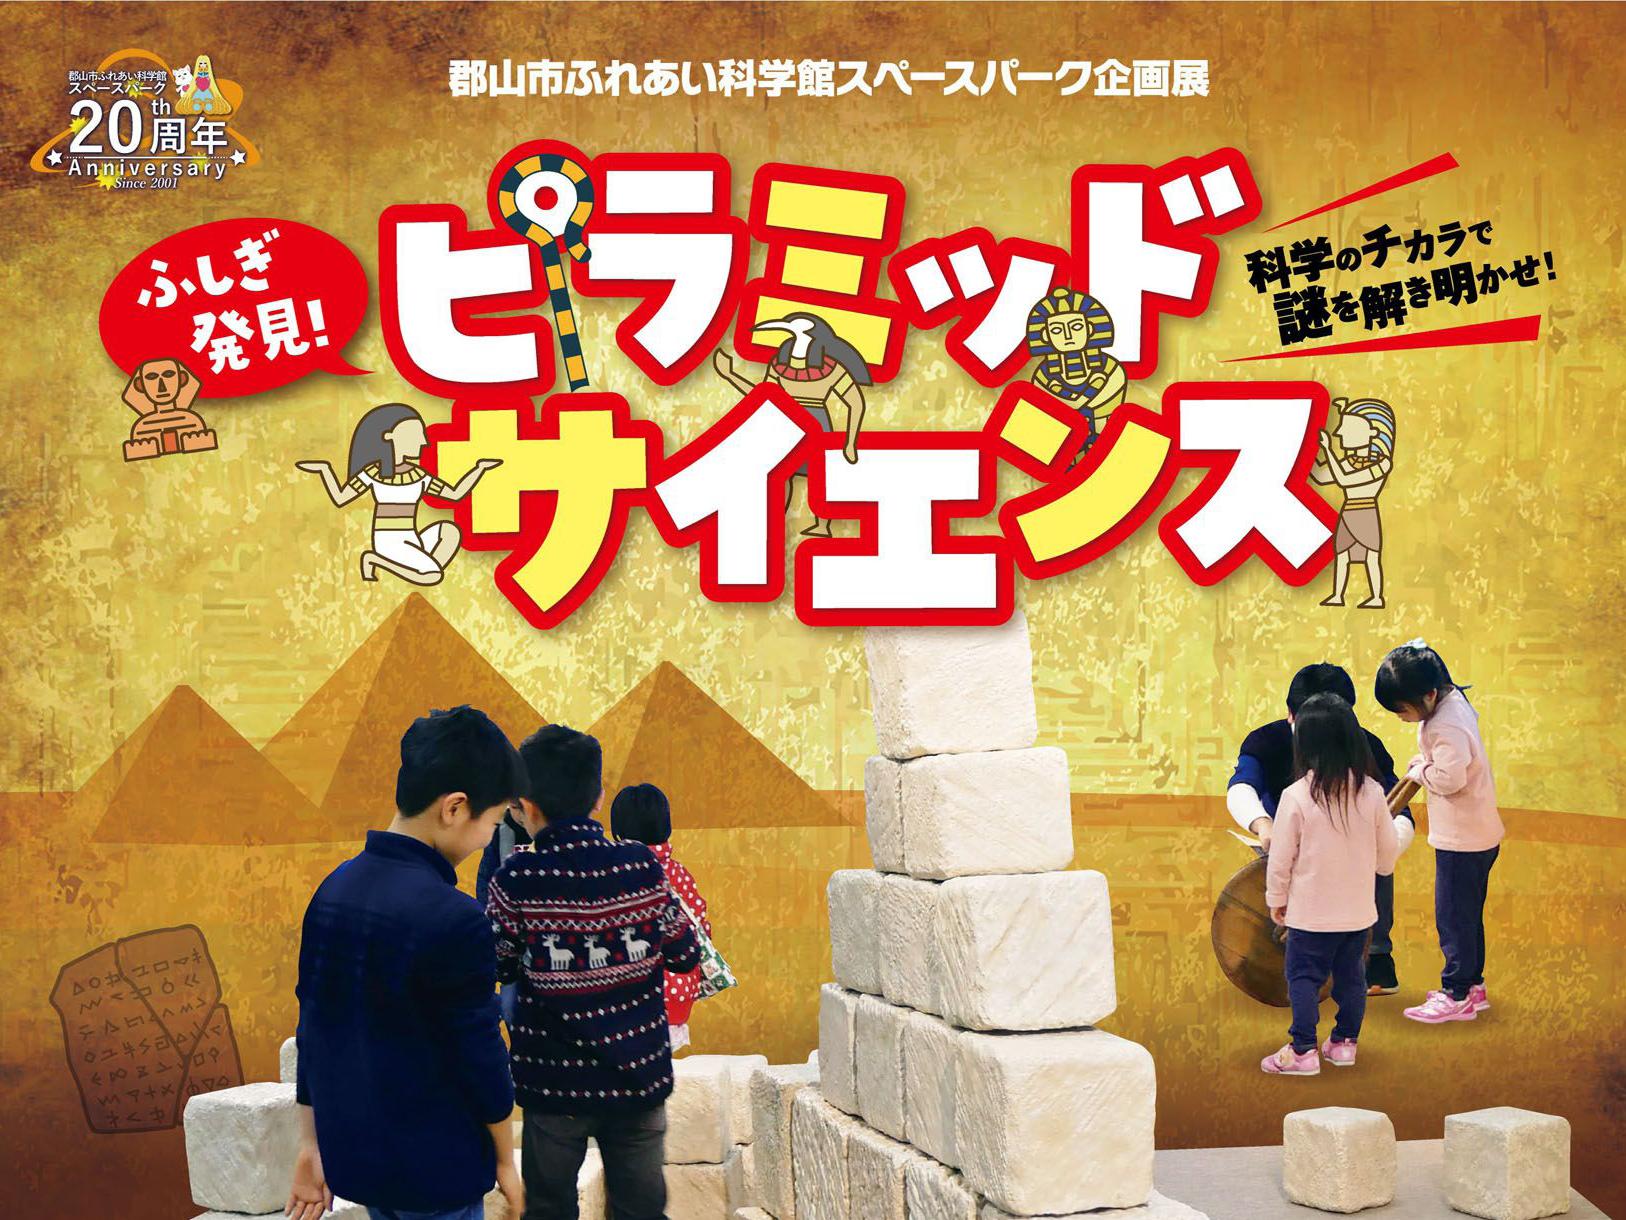 ふれあい科学館「ピラミッド サイエンス」開催!◆7月17日(土)~8月24日(火)